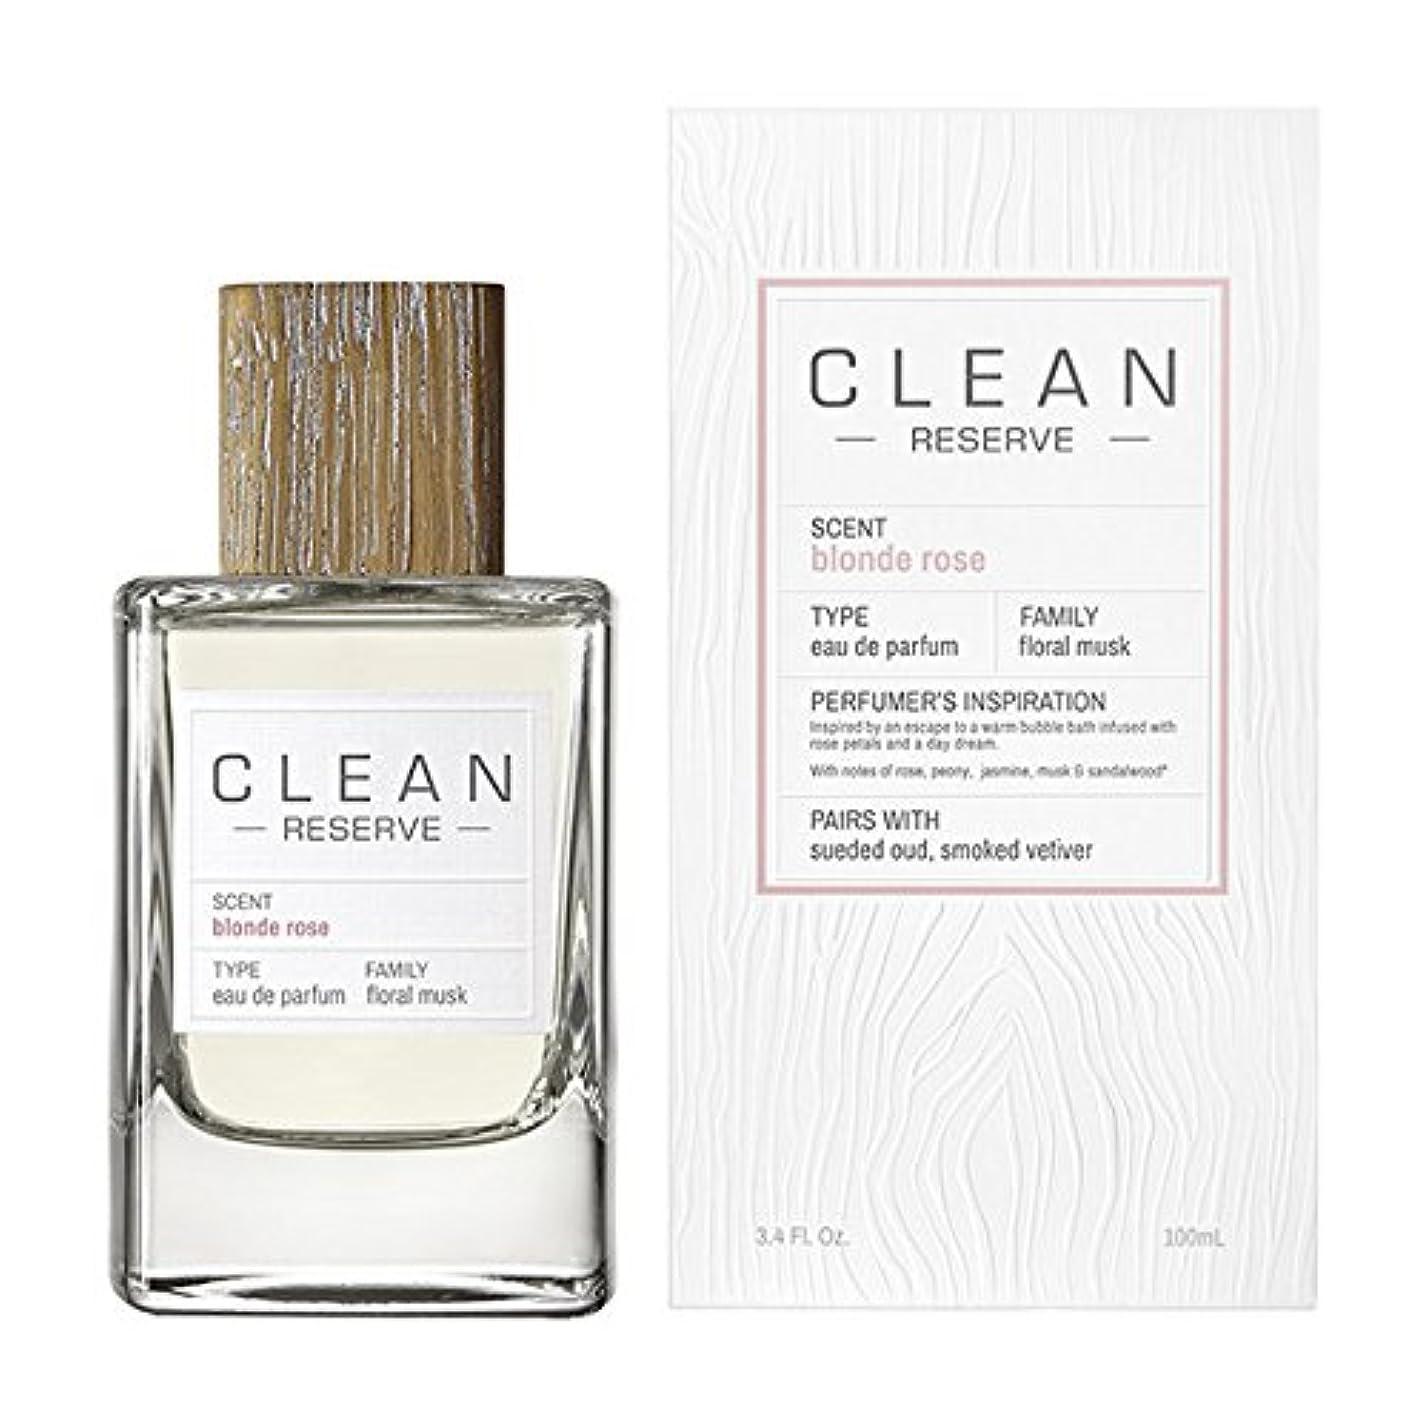 性別医師廃棄する◆【CLEAN】Unisex香水◆クリーン リザーブ ブロンドローズ オードパルファムEDP 100ml◆